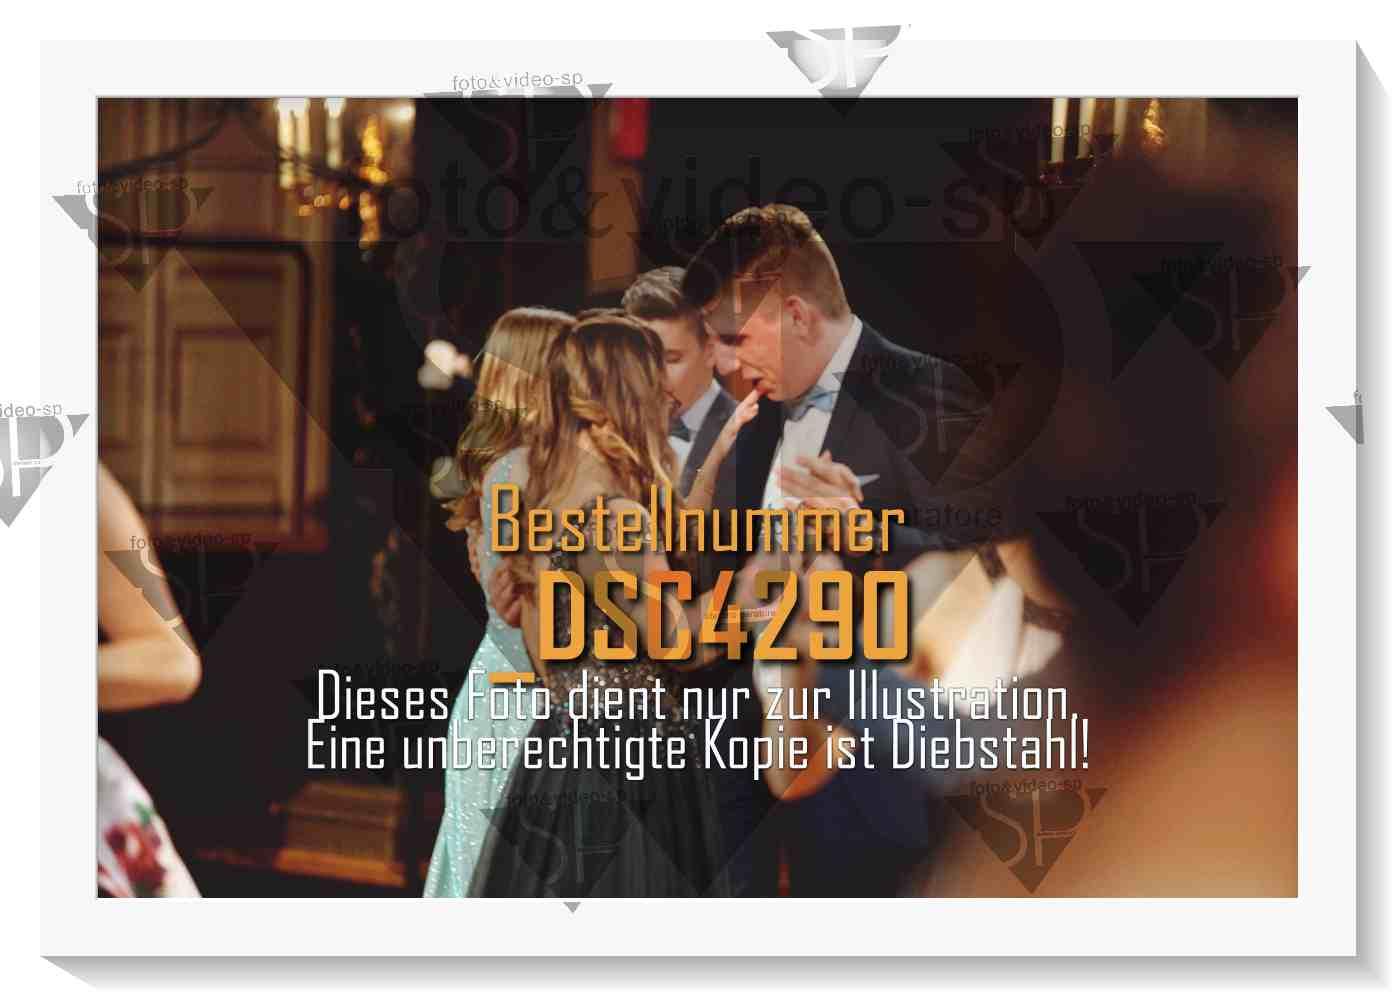 DSC4290